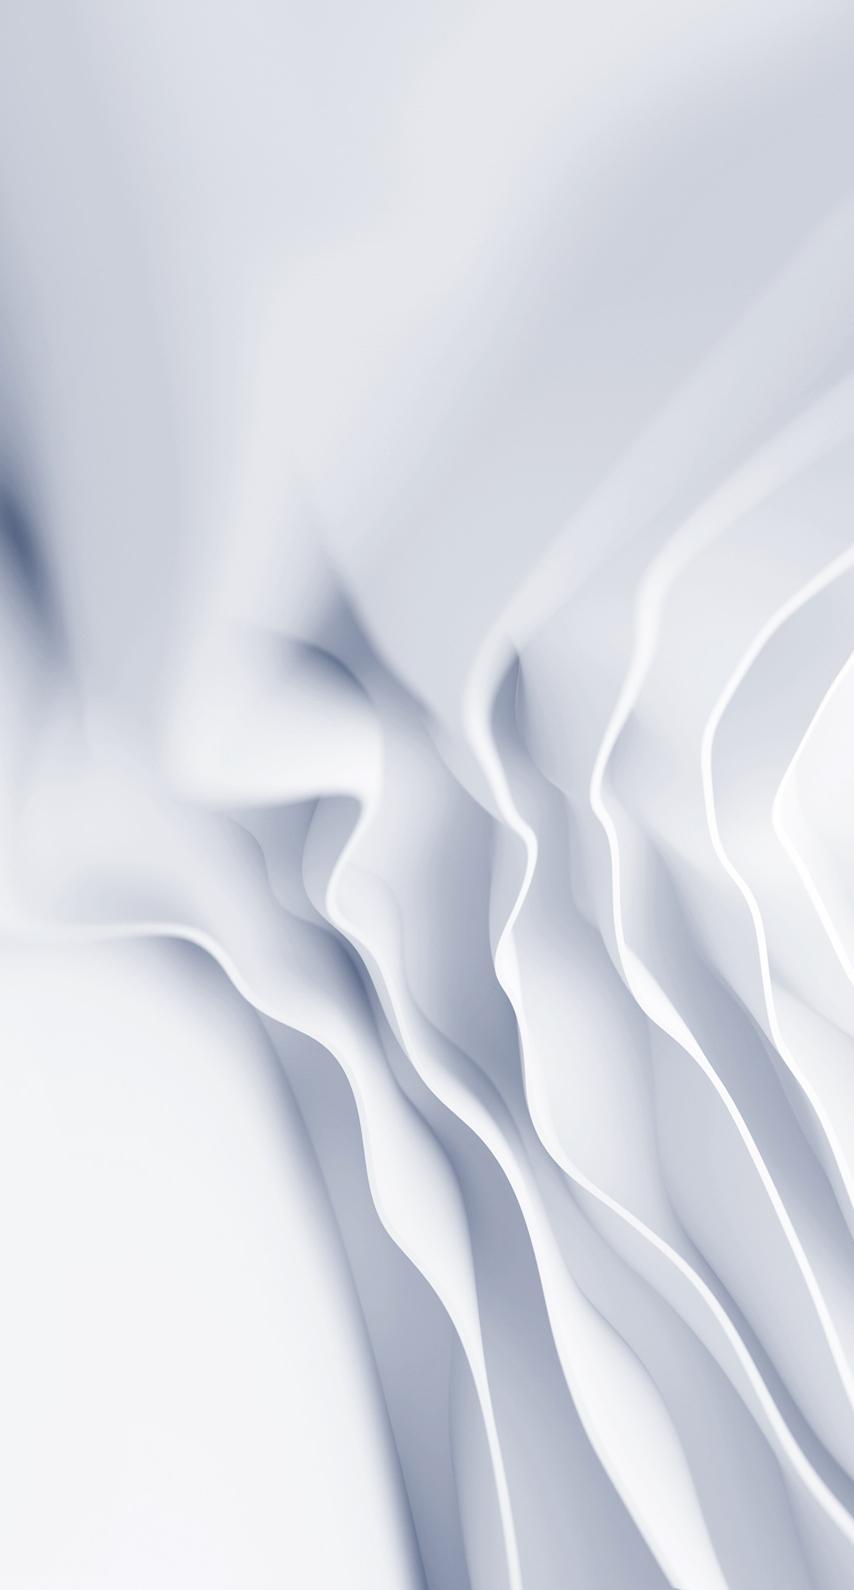 wallpaper, motion, desktop, illustration, blur, line, silk, elegant, color, curve, smooth